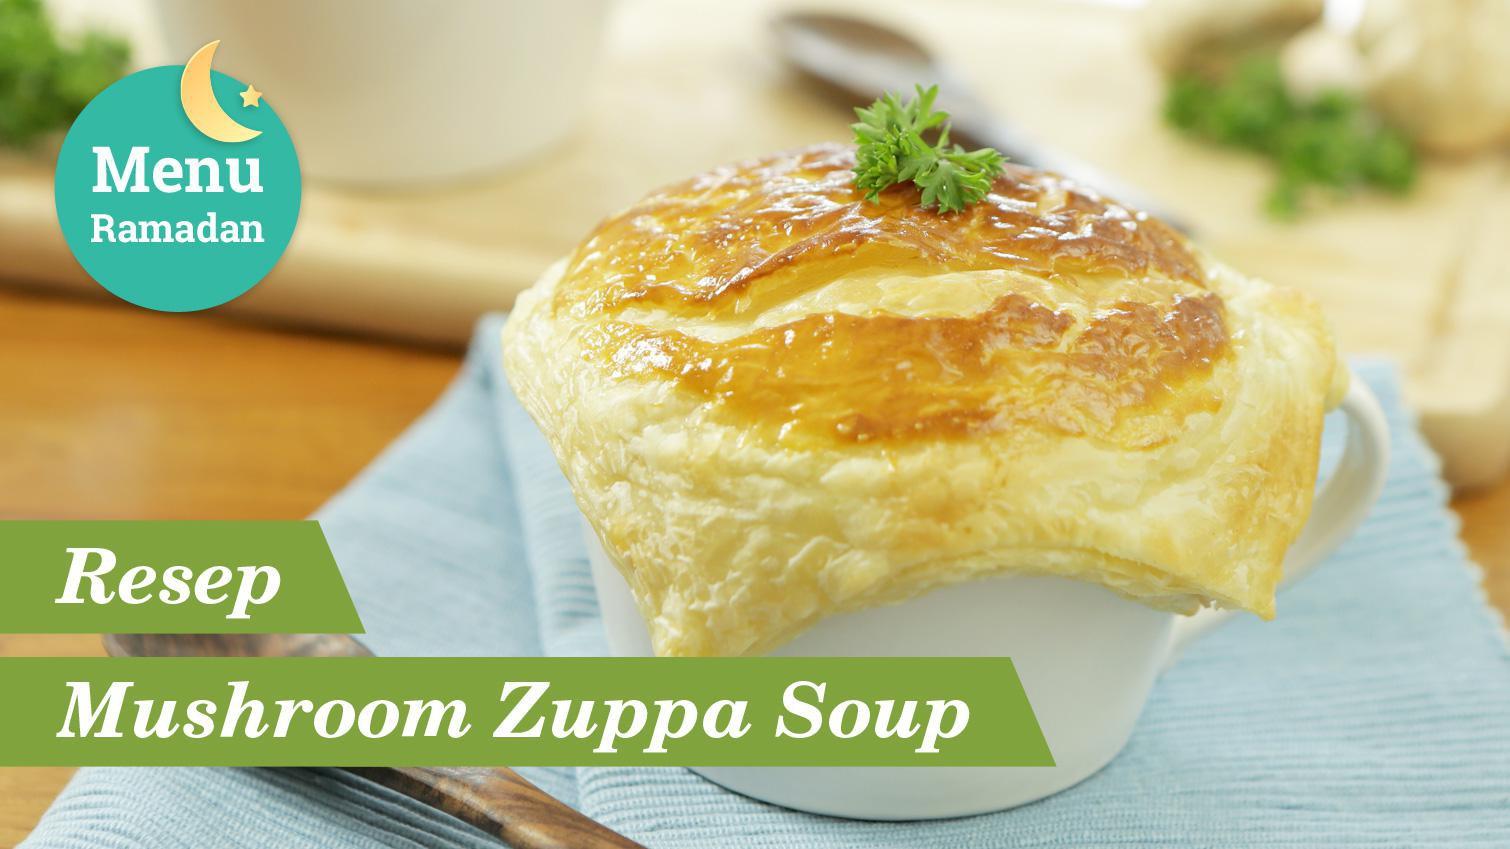 Resep Mudah Mushroom Zuppa Soup Untuk Buka Puasa Berbagi Tips